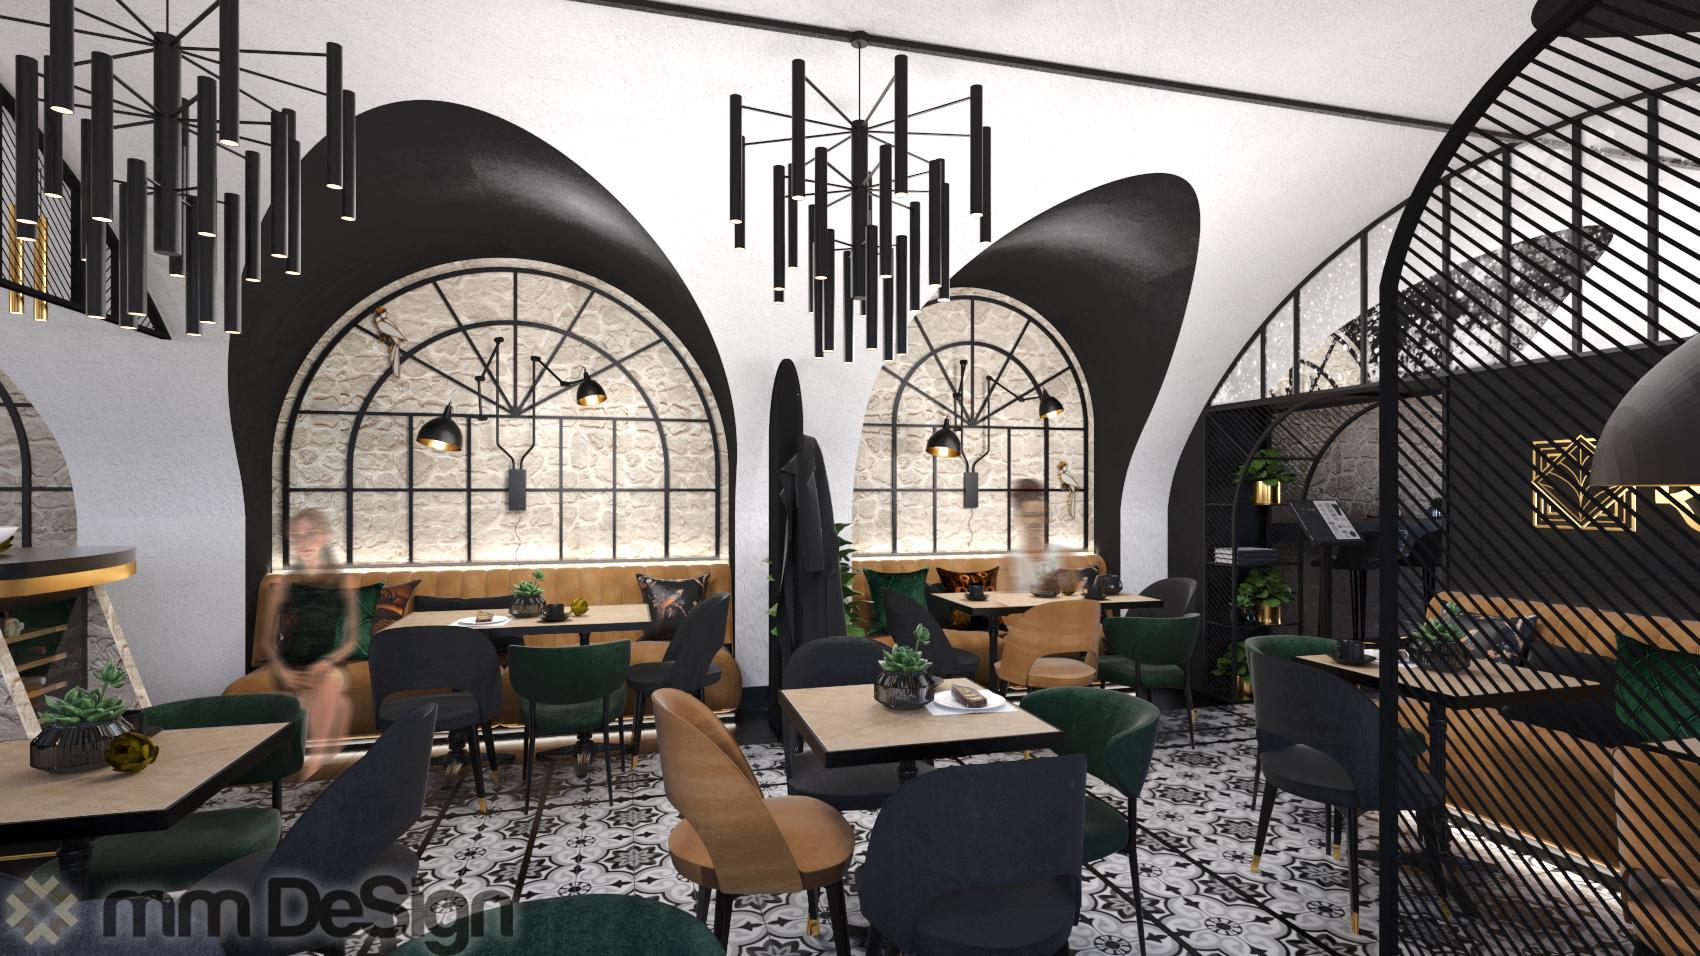 mm design projektowanie wnetrz restauracji 7